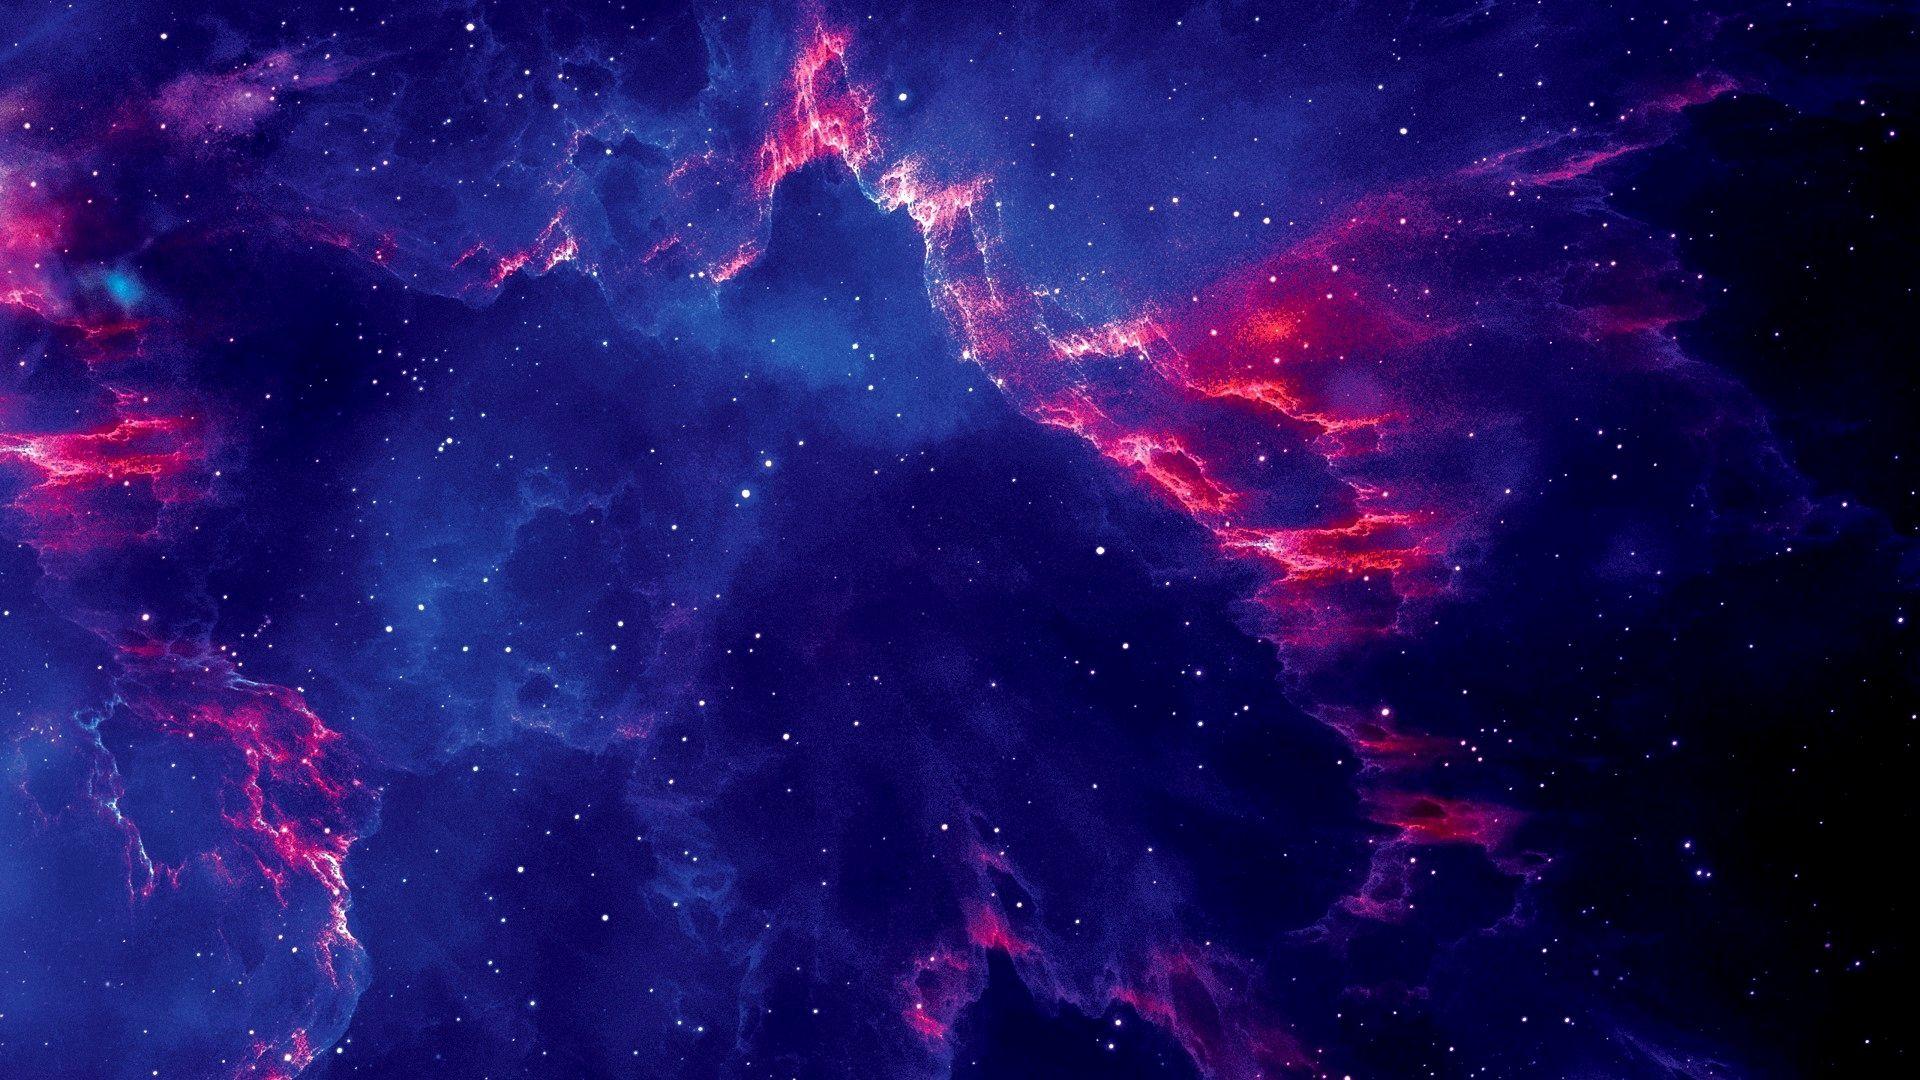 Wallpaper Full Hd 4k Love Ideas Galaxy Wallpaper Hd Galaxy Wallpaper Blue Galaxy Wallpaper